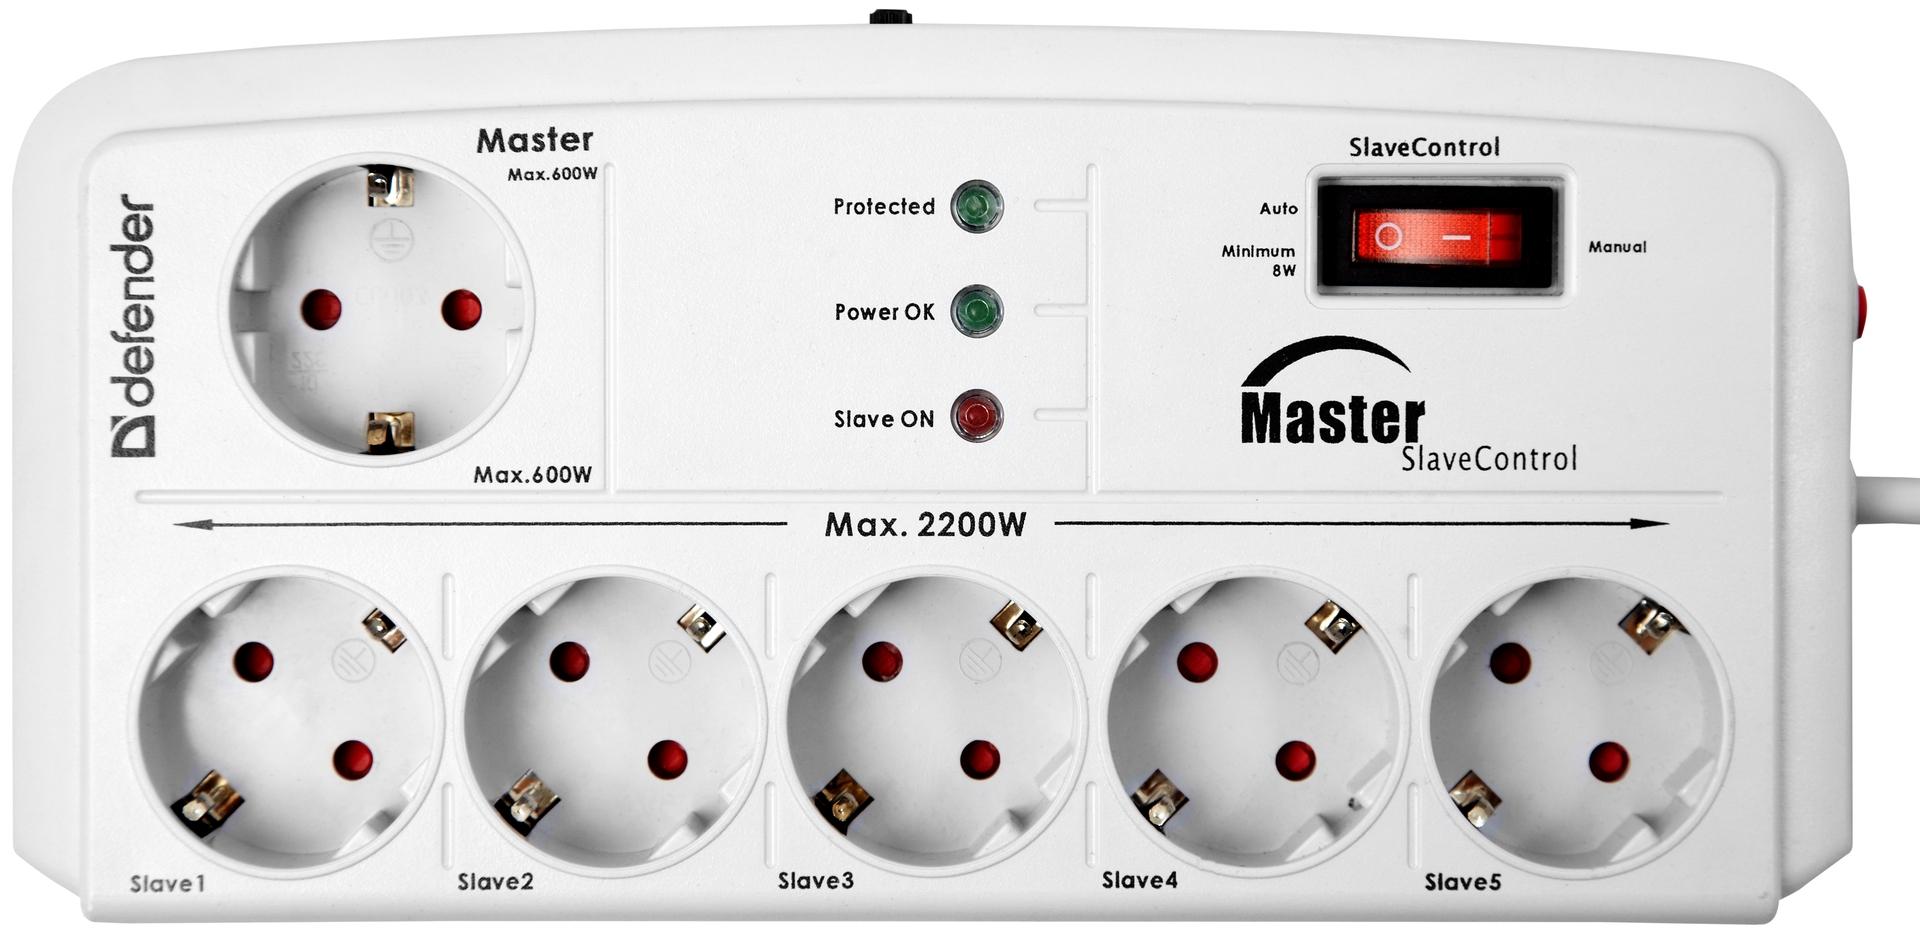 Сетевой фильтр Defender DFS 801 2 м, 6 розеток, Master SlaveСетевые фильтры и стабилизаторы<br>- Обеспечивают максимальную защиту от ВЧ и импульсных помех, обладают уникальной функцией Master/Slave - возможностью управления электропитанием периферийных устройств<br>- 6 розеток с заземлением<br>- Независимый автоматический несгораемый предохранитель<br>- Индикатор сети<br>- Индикатор состояния защиты<br>- Вакуумный разрядник<br>- Защита от импульсных и высокочастотных помех<br>- Все розетки снабжены защитными шторками от детей<br>- Проводники из чистой меди<br>- Корпус из ударостойкого негорючего пластика ABS<br>- Крепление на стену<br><br>Тип: сетевой фильтр<br>Максимальный ток нагрузки, А: 10<br>Длина шнура, м: 2.0